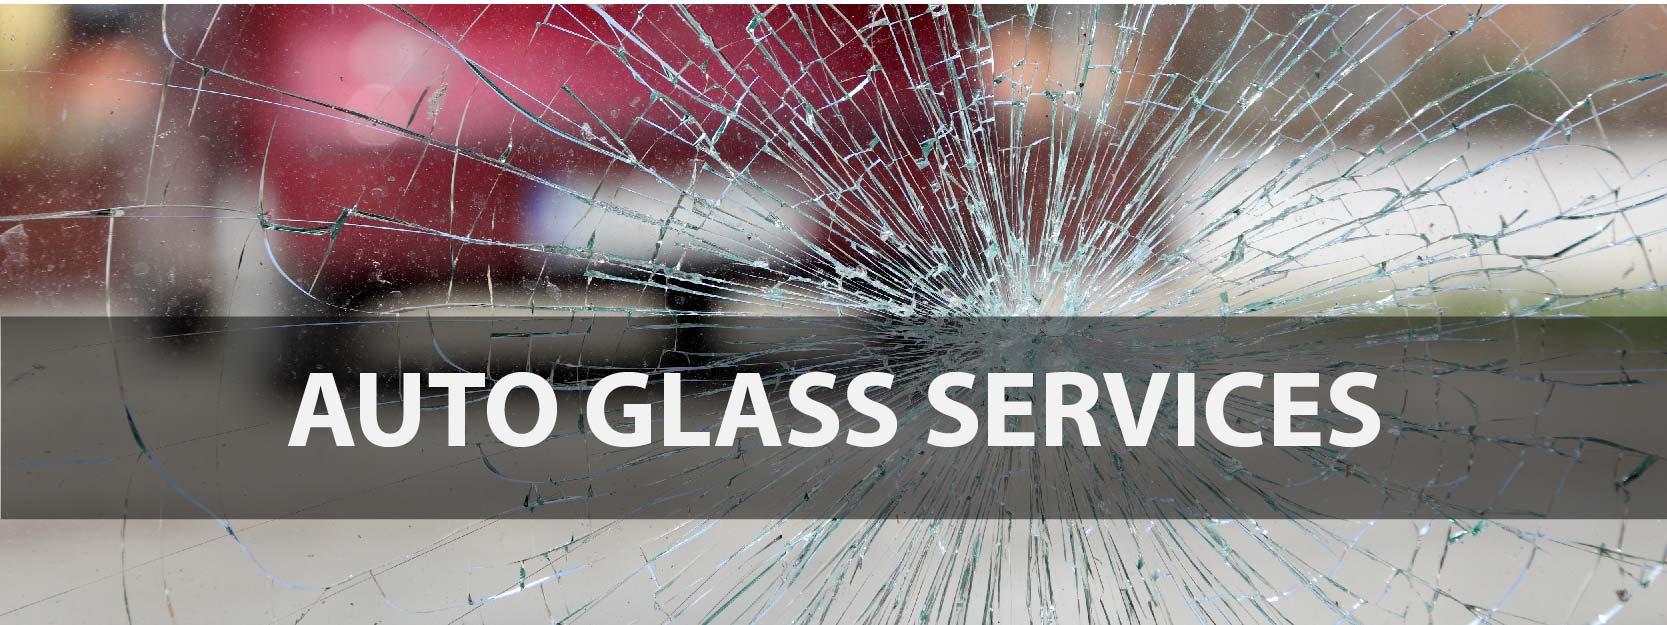 auto glass service st louis-01